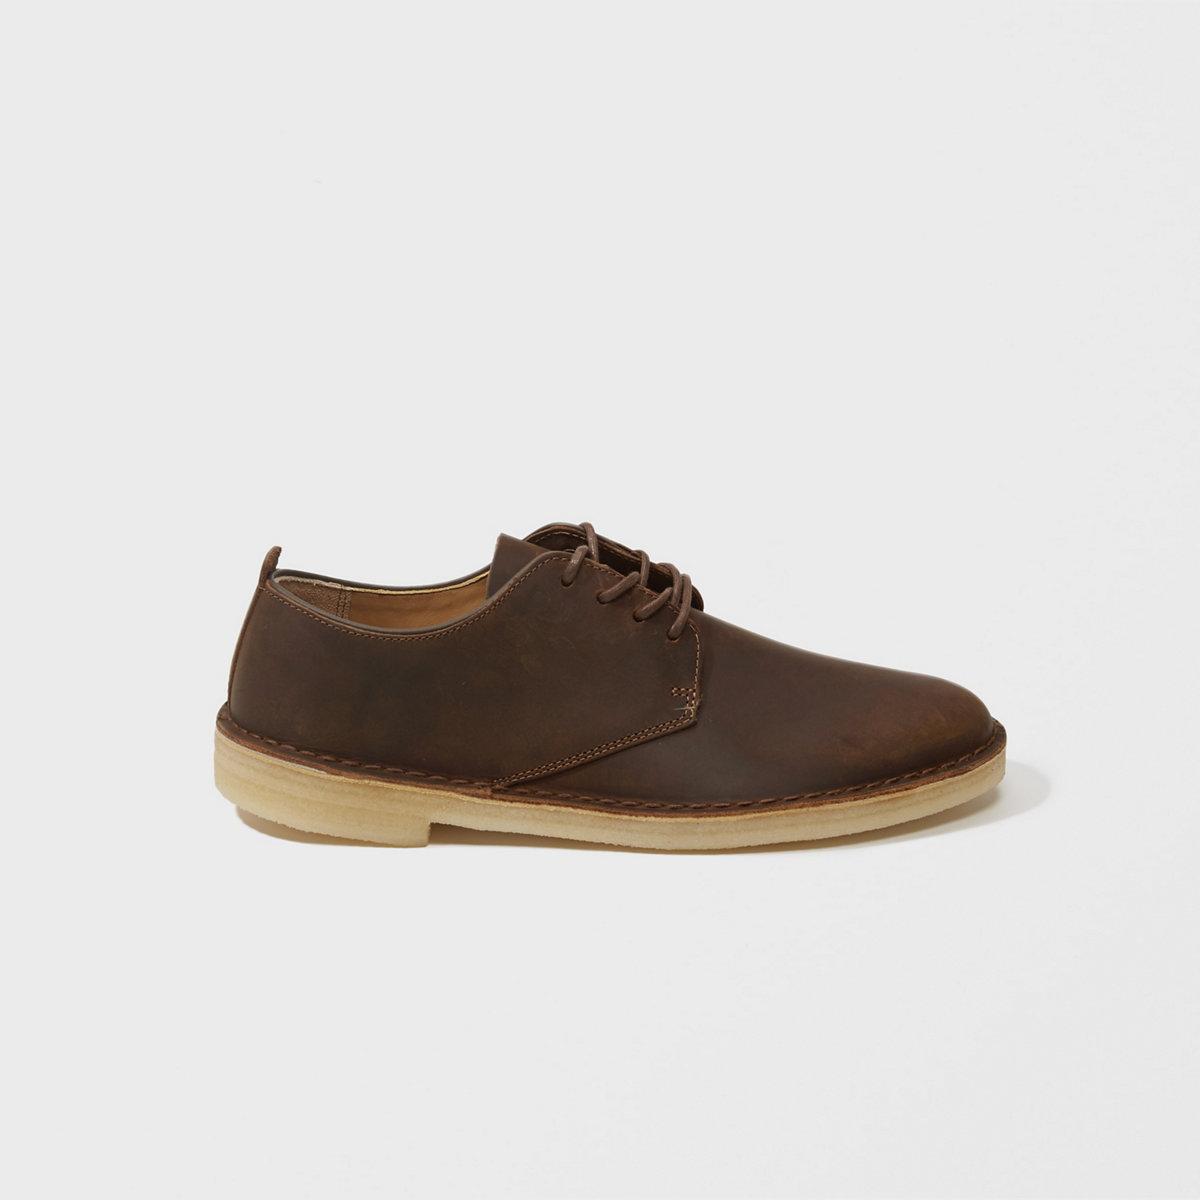 Clarks Desert London Shoe